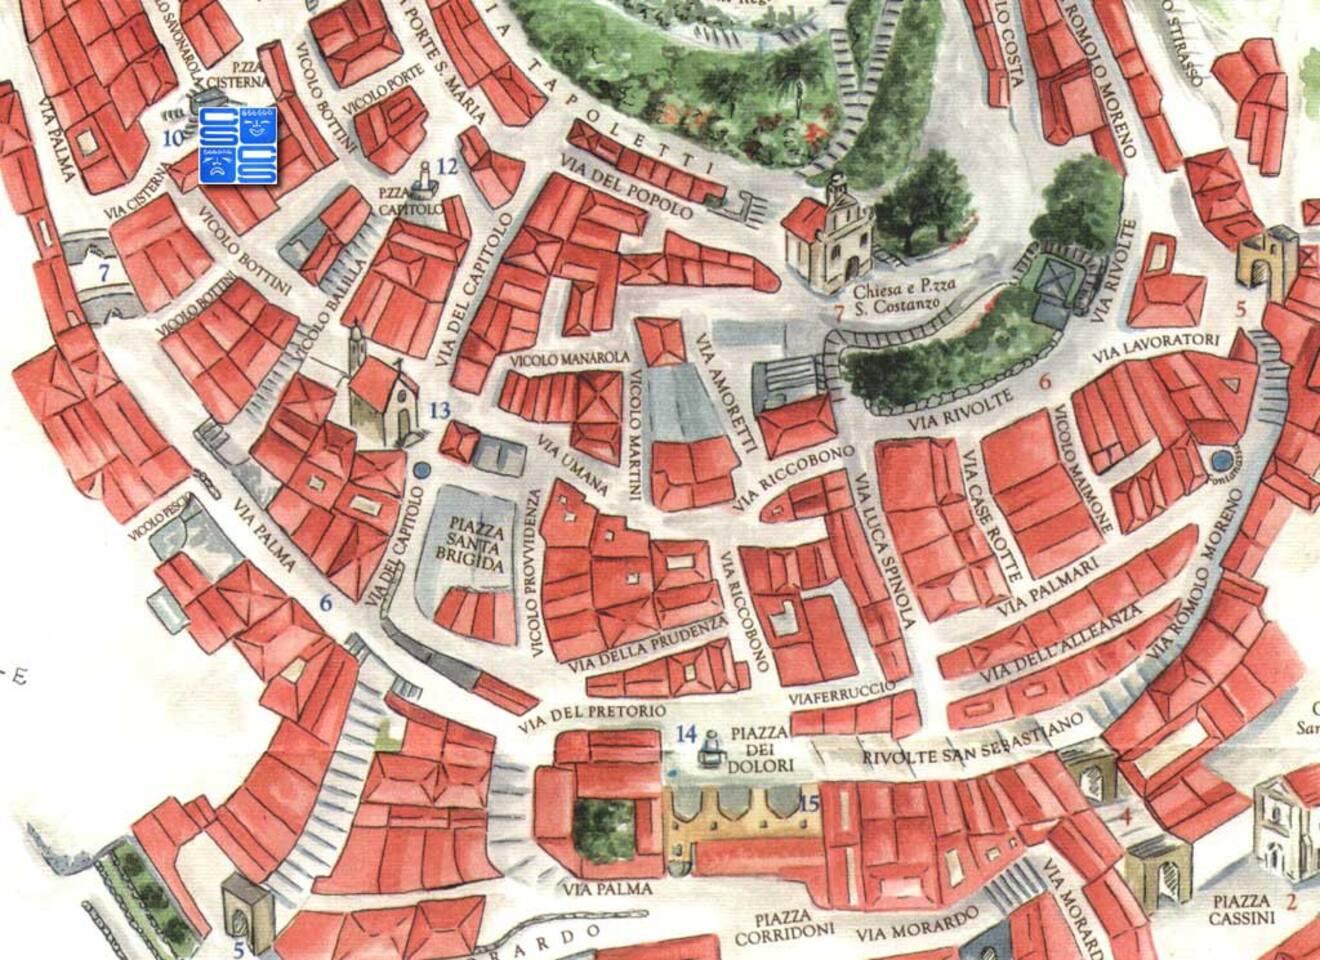 mappa della pigna